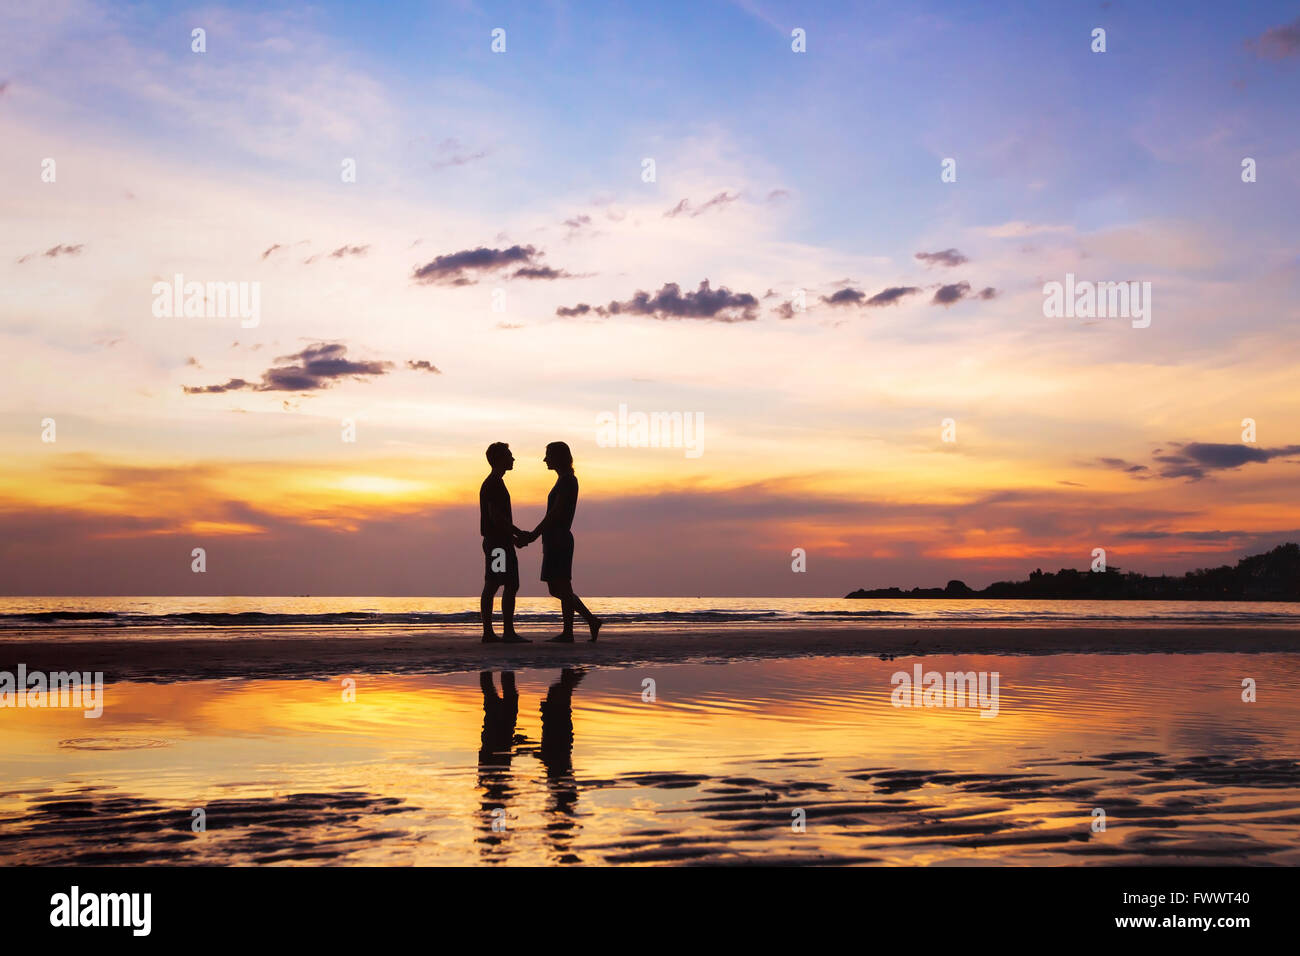 Silhouette der liebevollen paar am Strand bei Sonnenuntergang, Liebe Konzept, Mann und Frau, schönen Hintergrund Stockbild